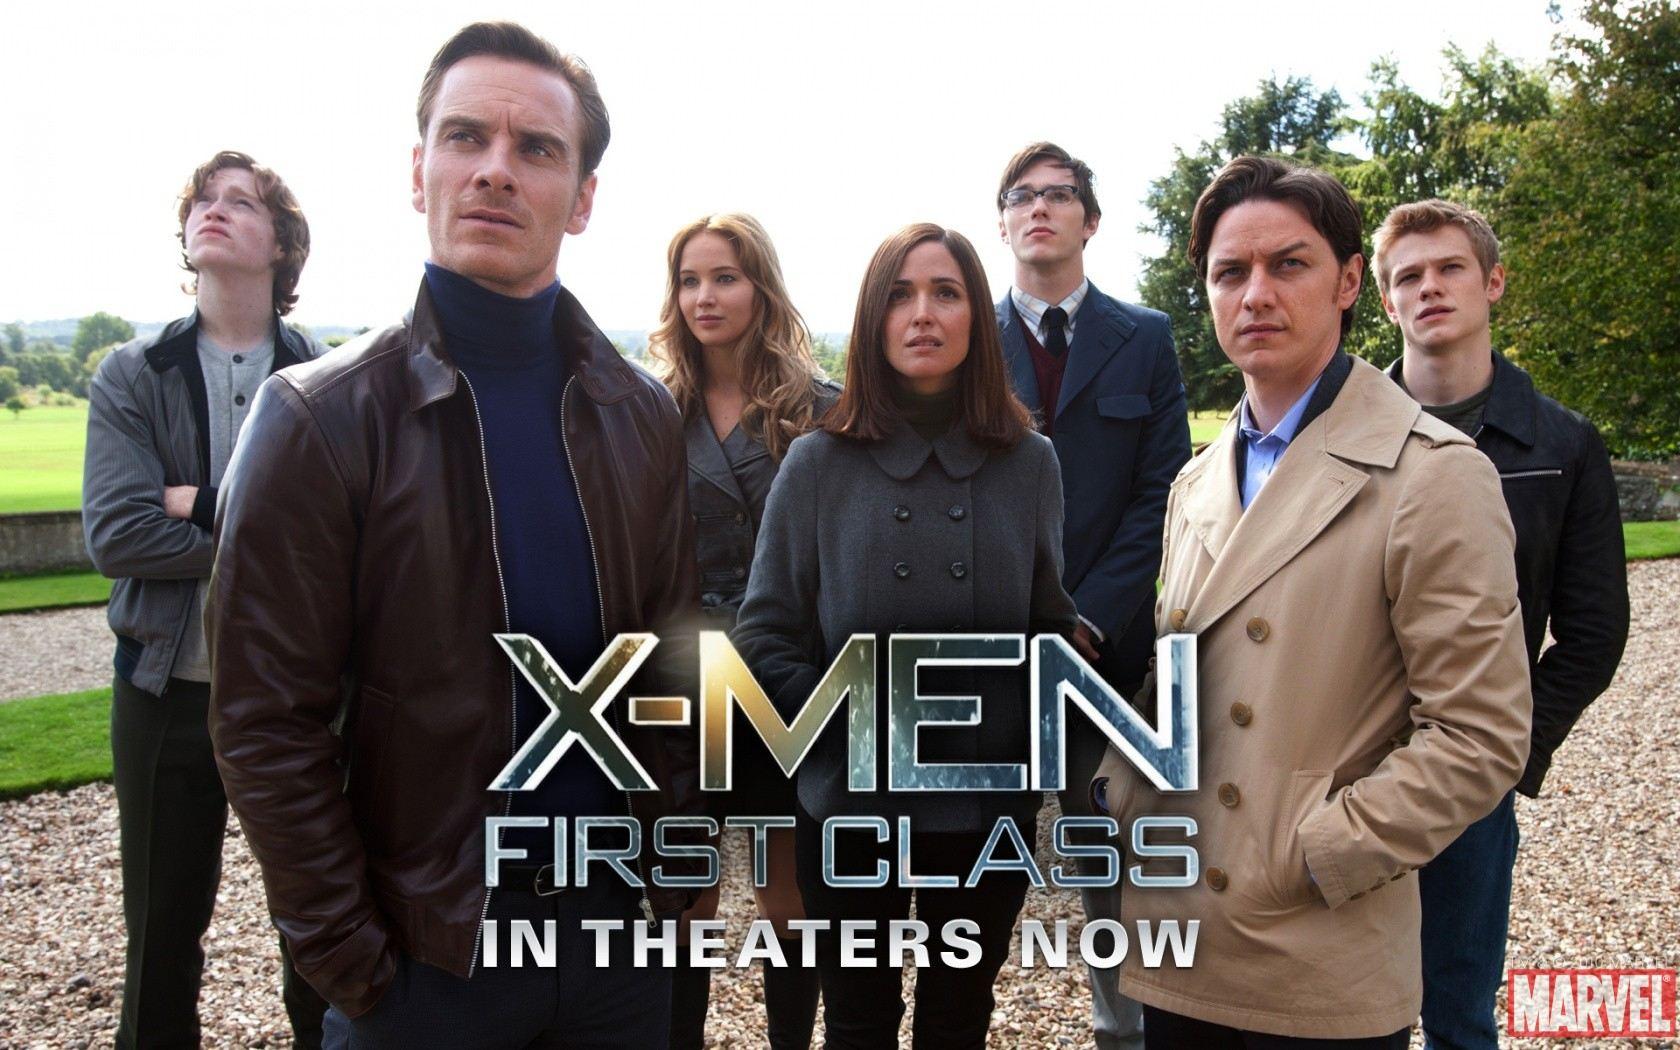 X men first class cast